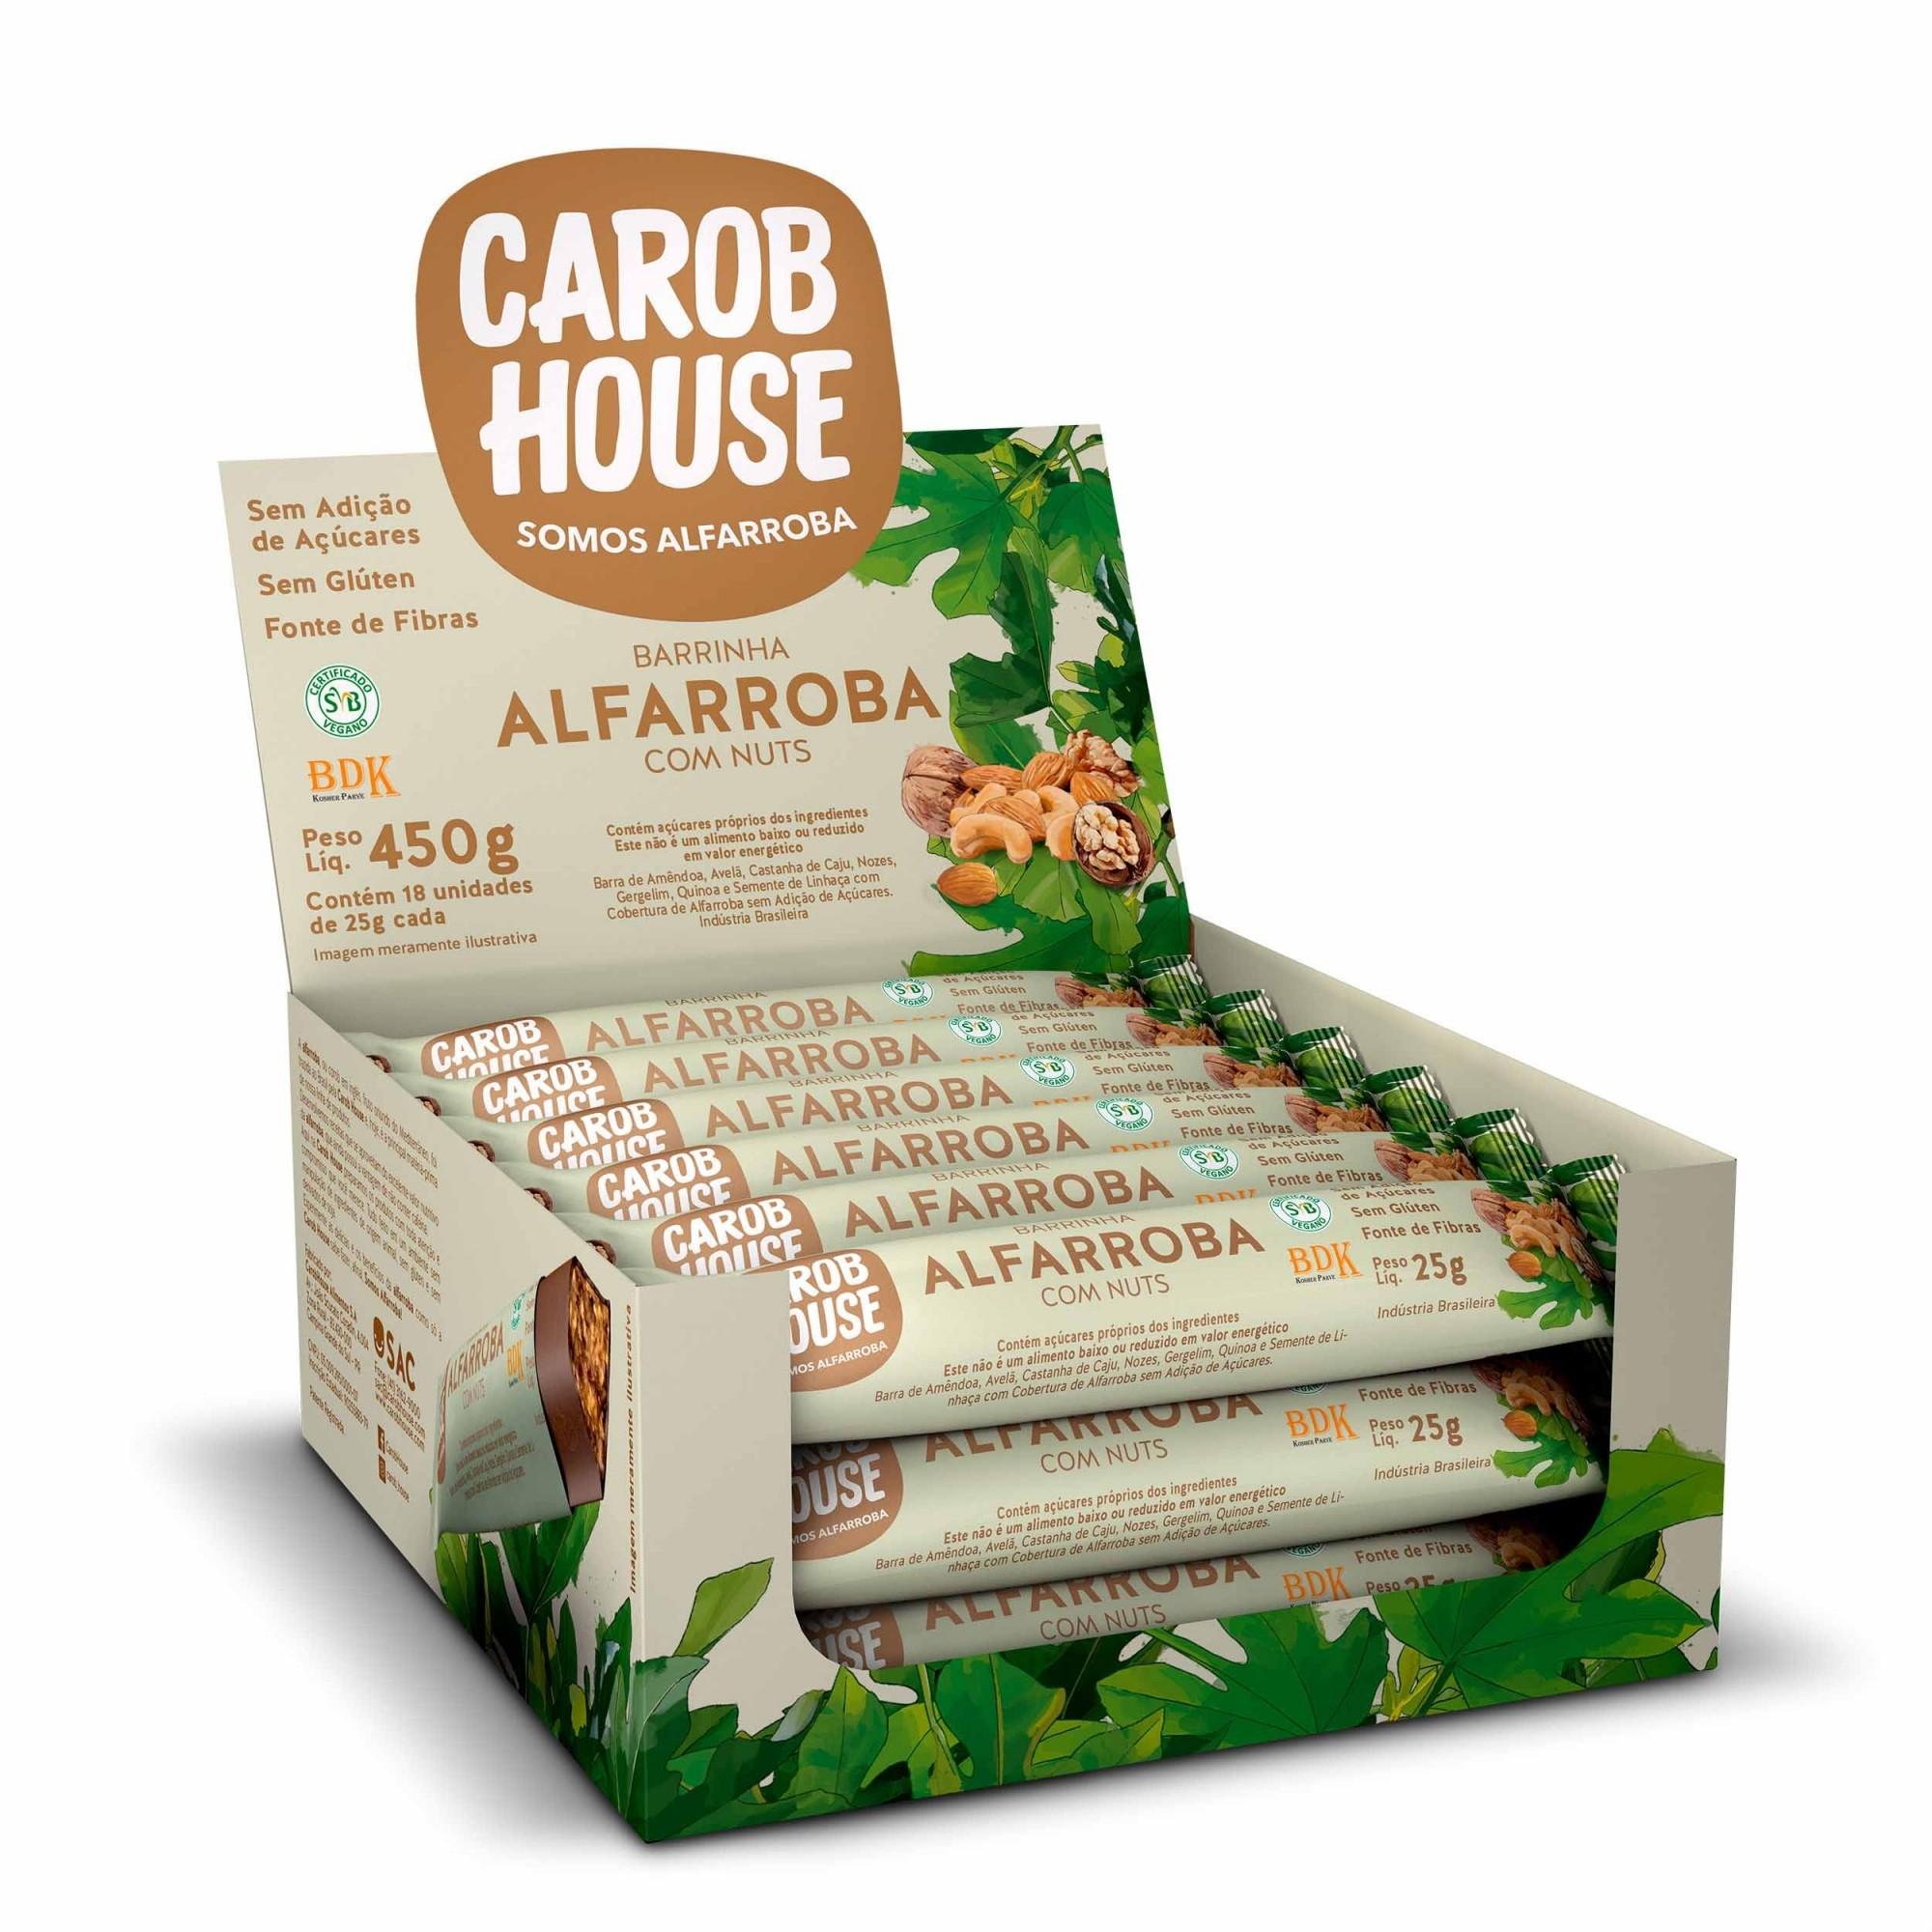 Barrinha de Alfarroba com Nuts Sem Açúcar 25g x 18 - Carob House